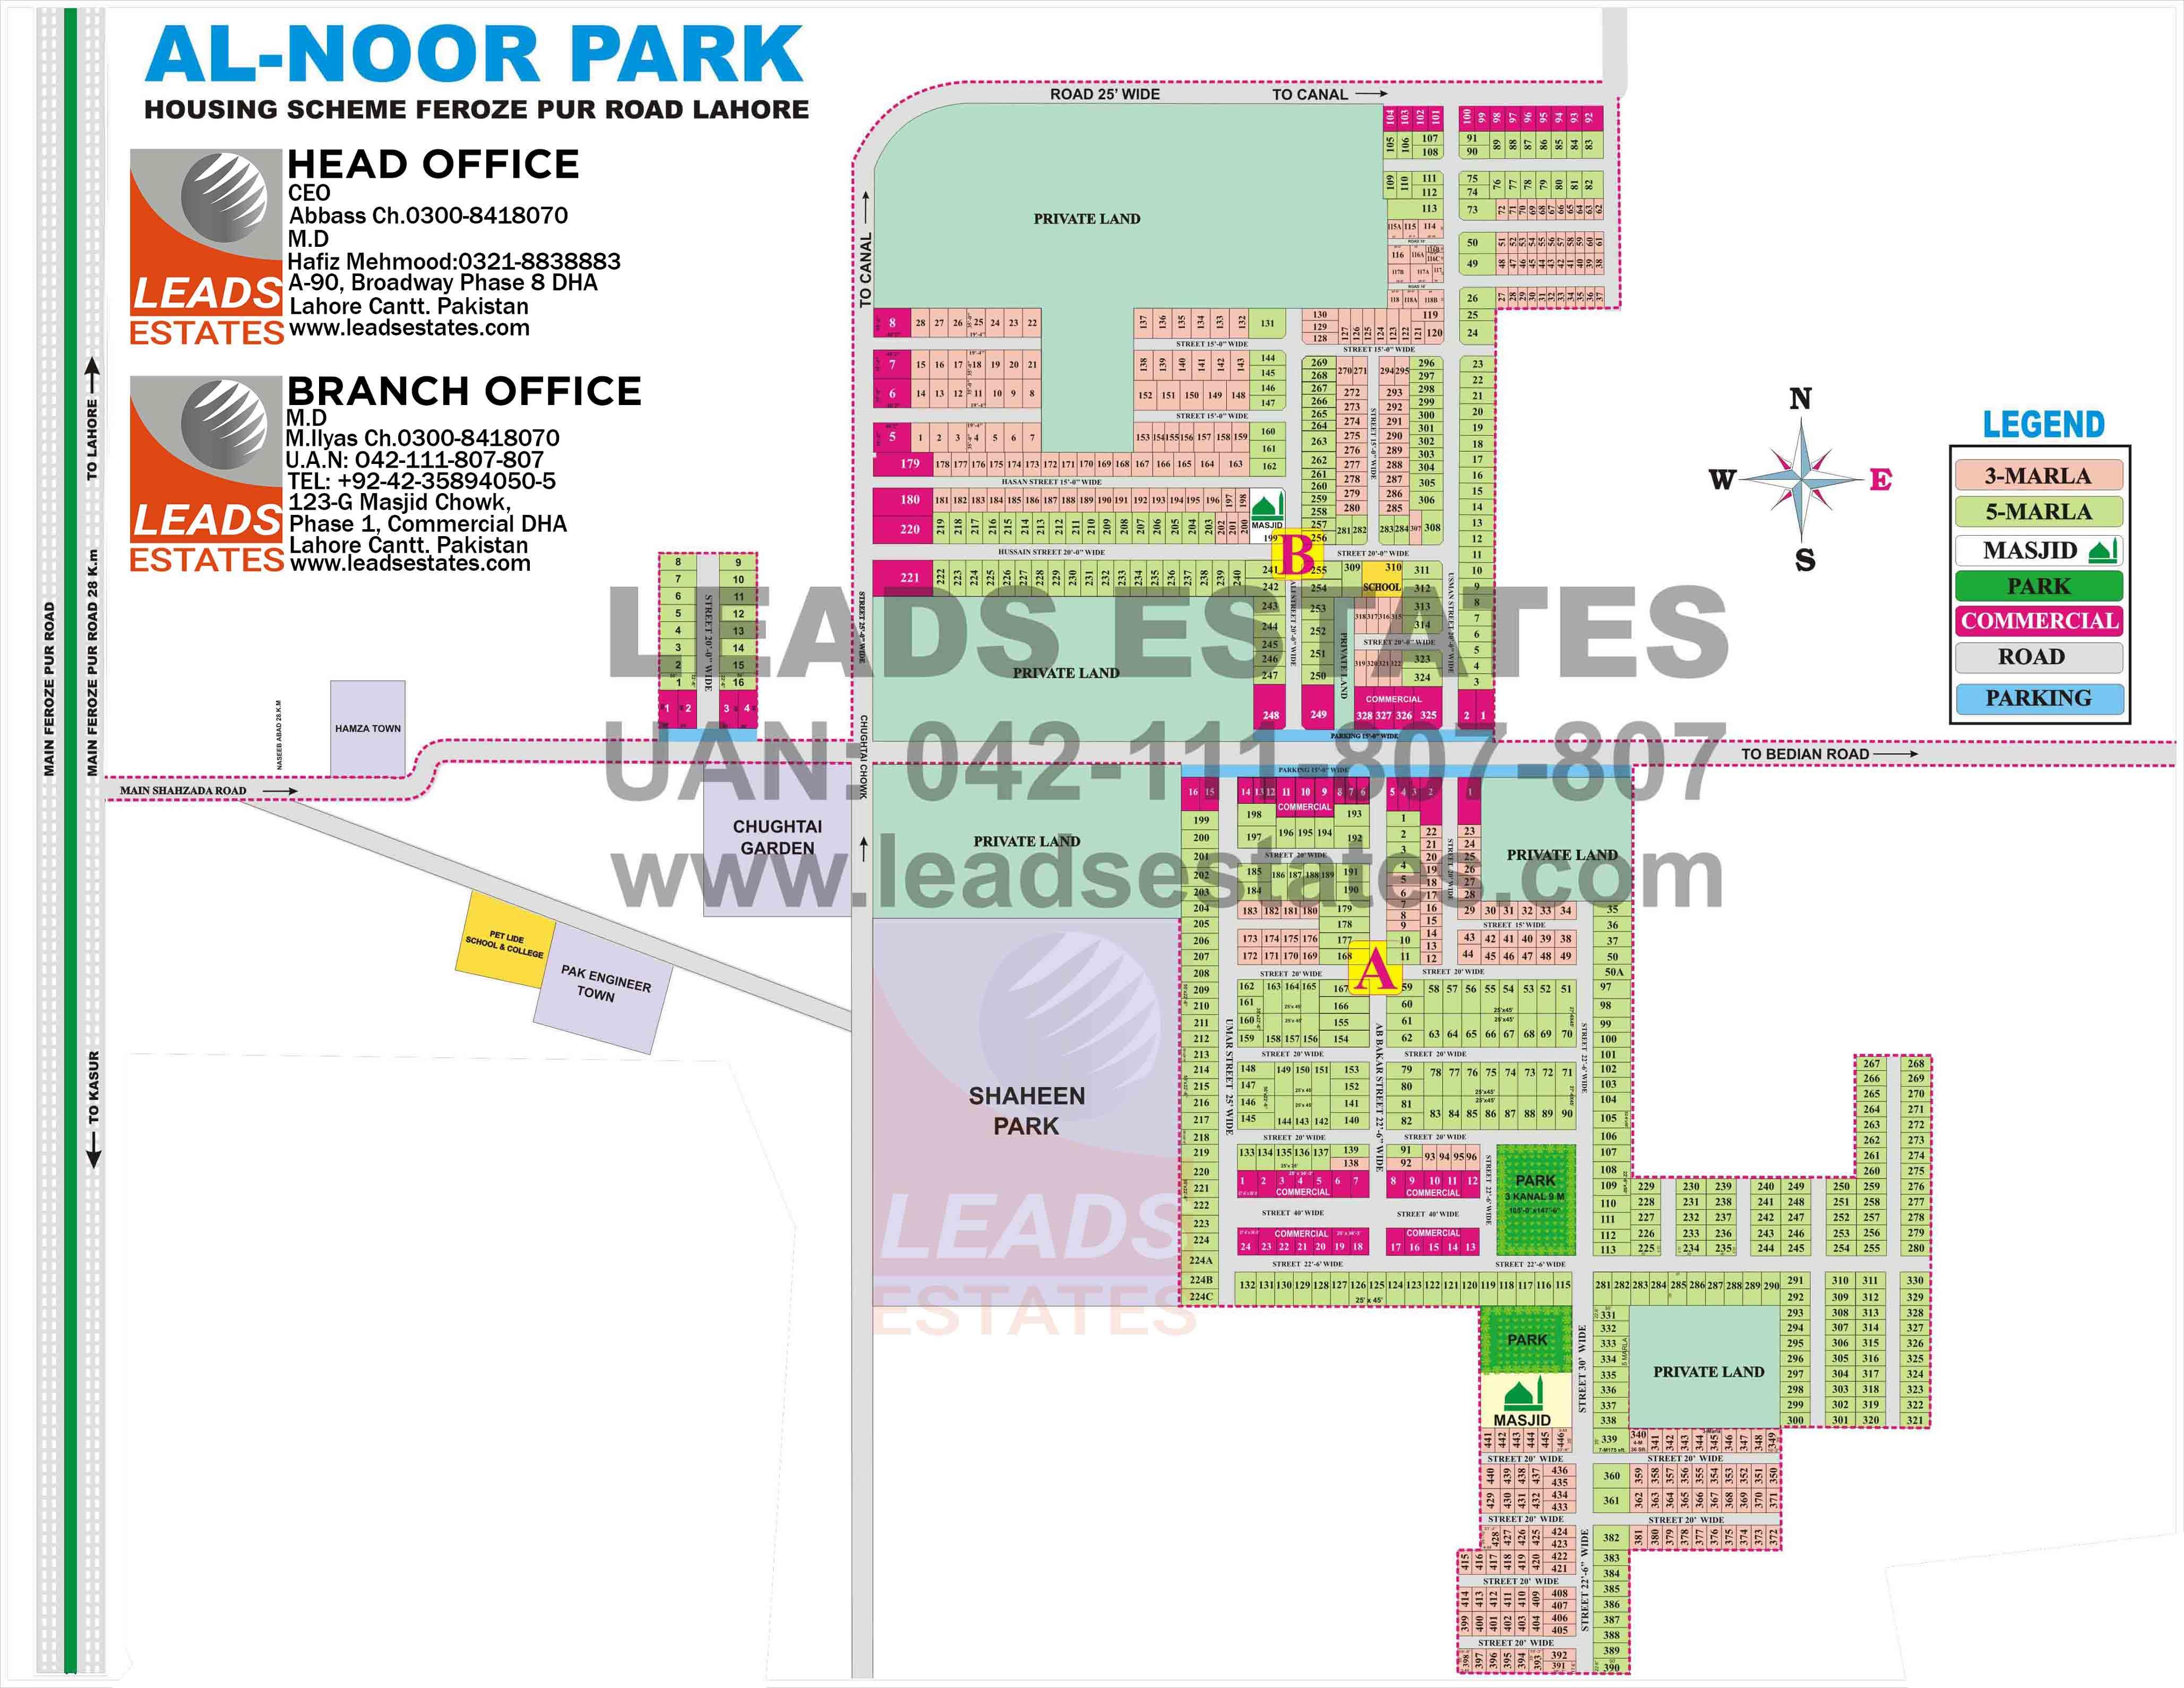 Al Noor Park